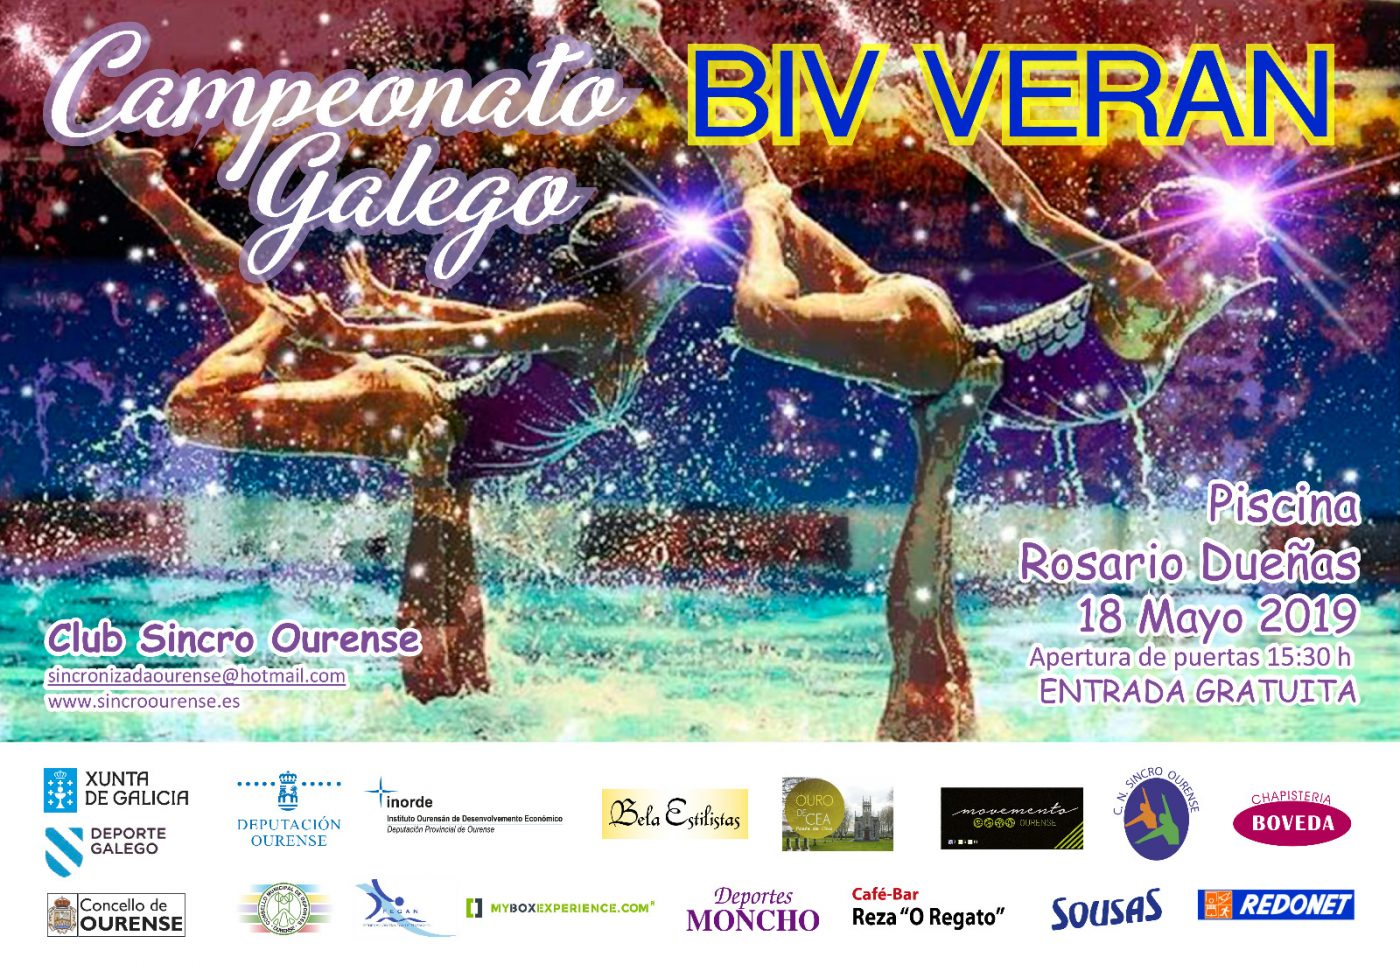 Campeonato Galego BIV de Verán de natación artística @ Piscina Rosario Dueñas | Orense | Galicia | España